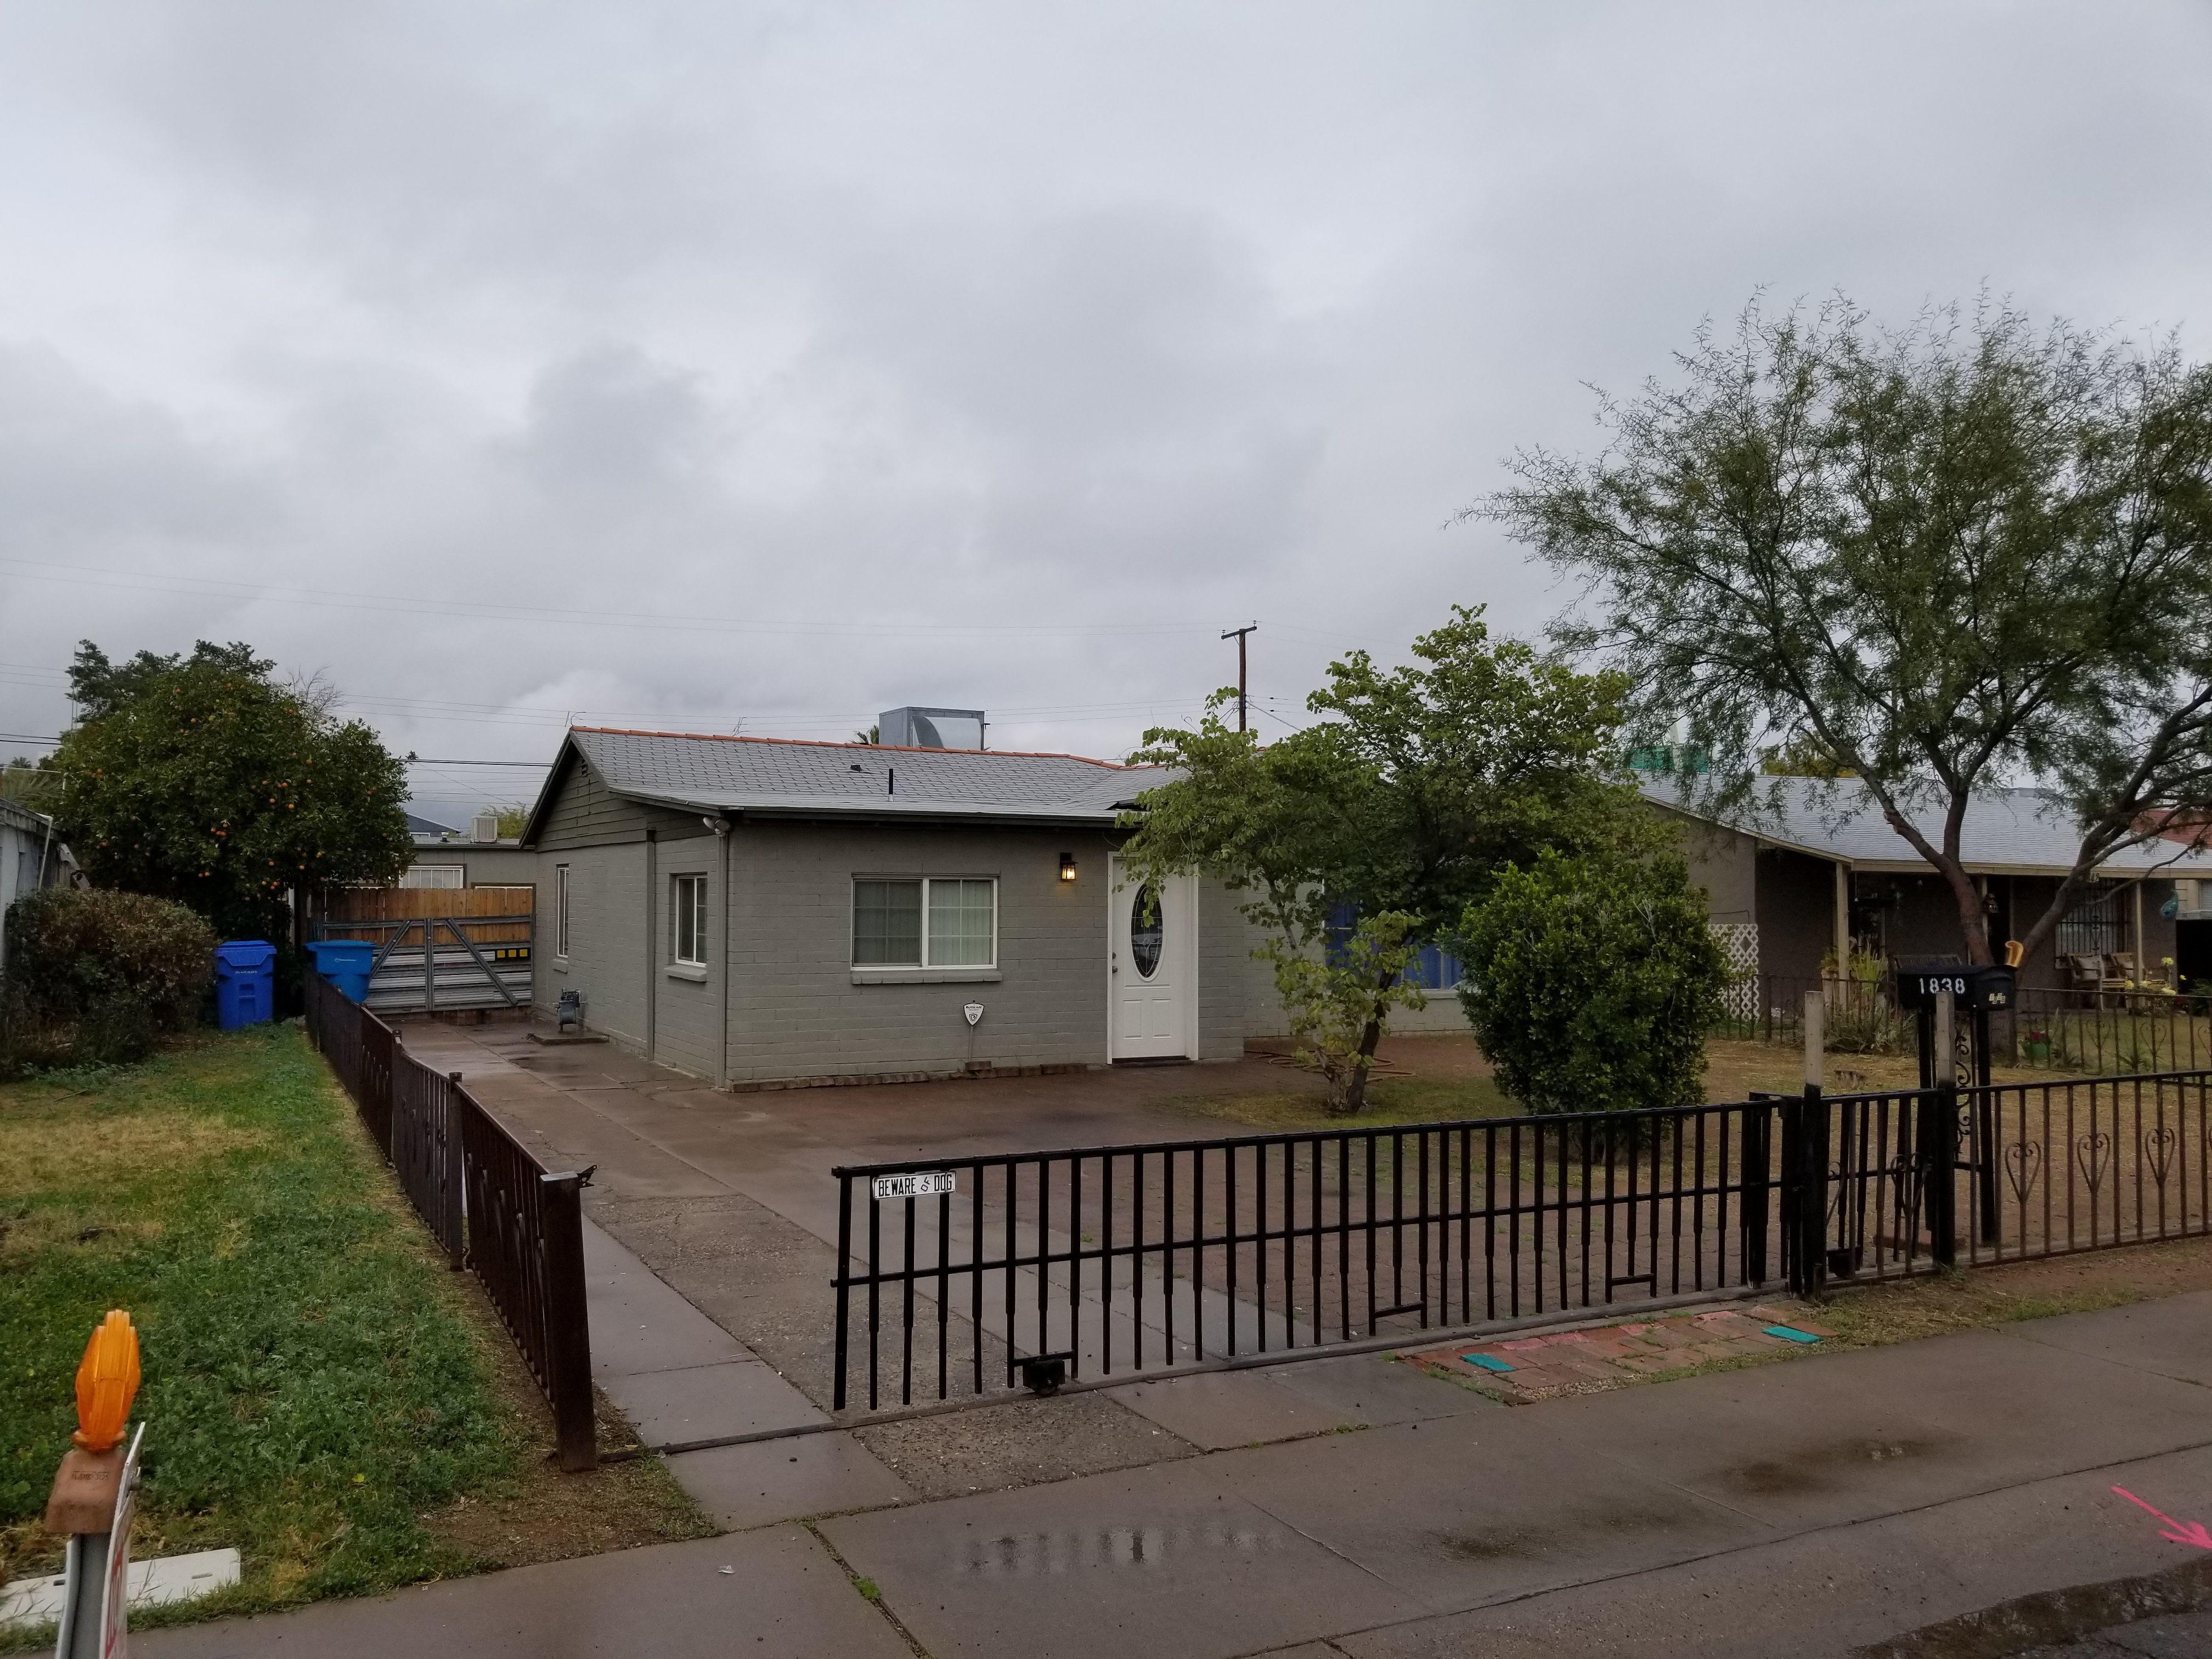 1838 E Monte Vista Rd Phoenix AZ 85006 Wholesale homes